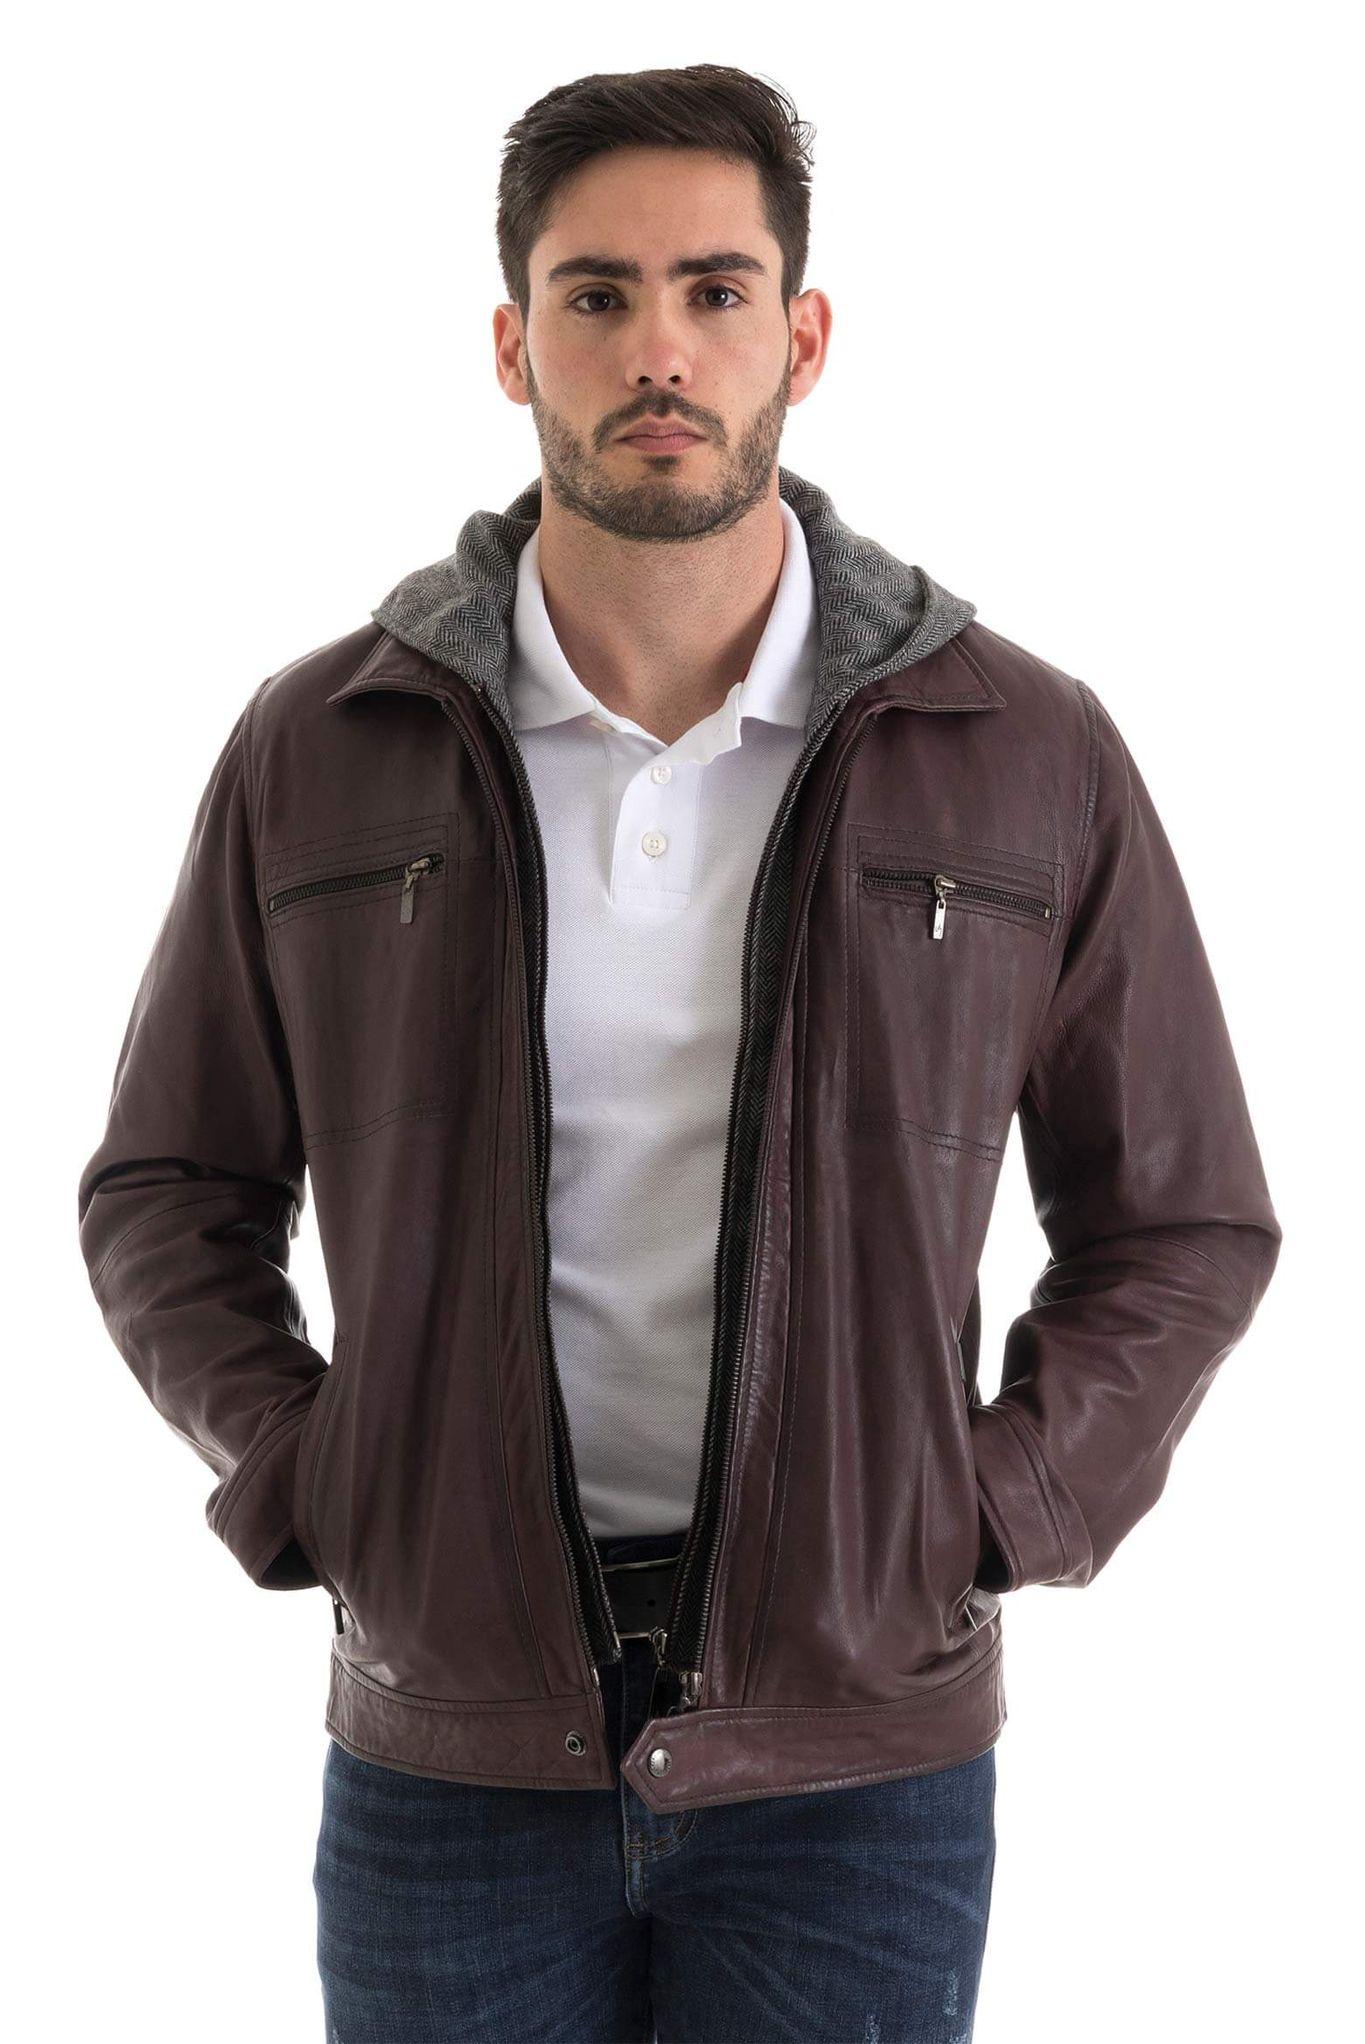 Compra barato hombres de la chaqueta de cuero online al